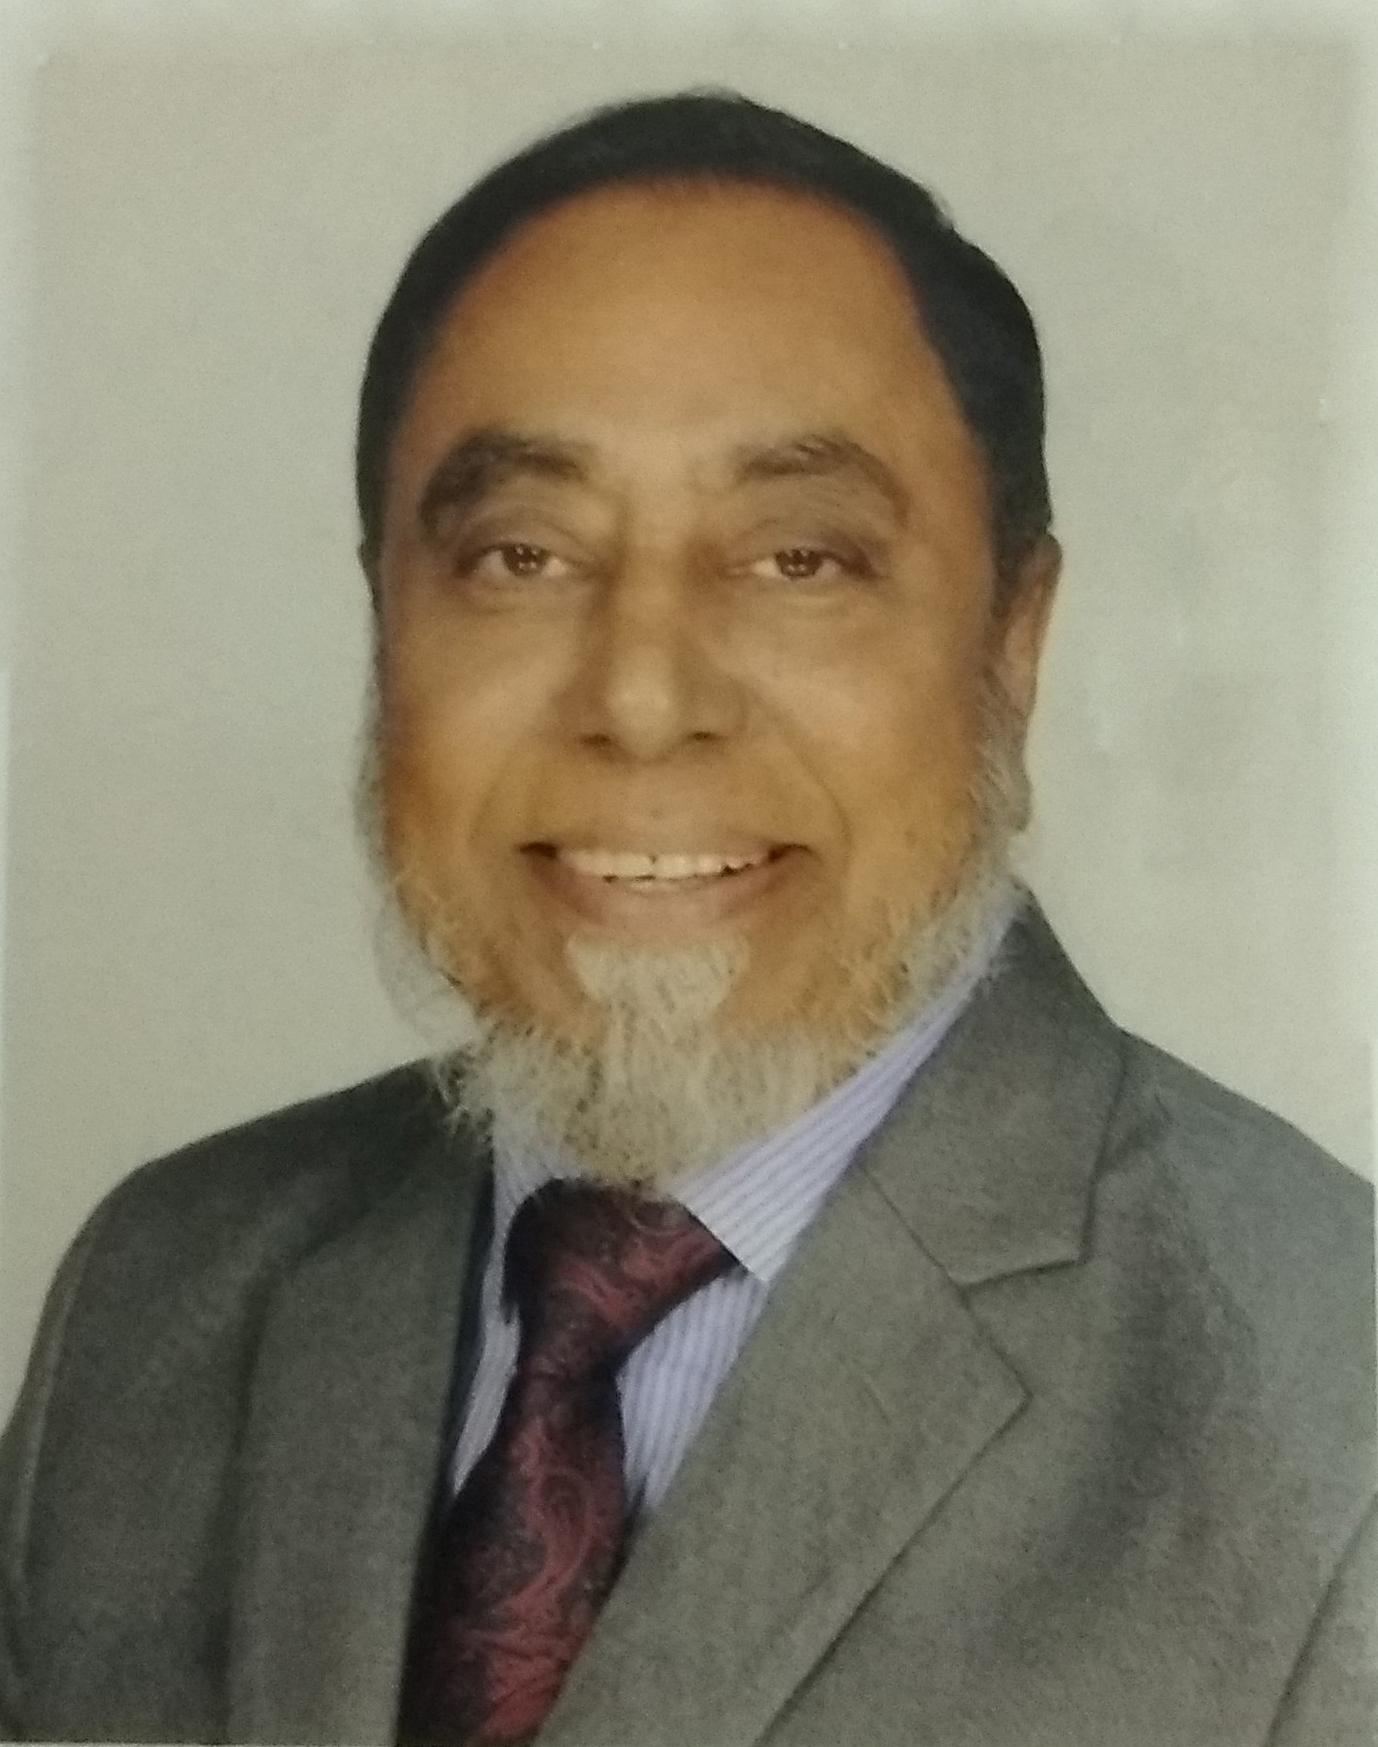 Dr. Md. Abdur Rahim Khan